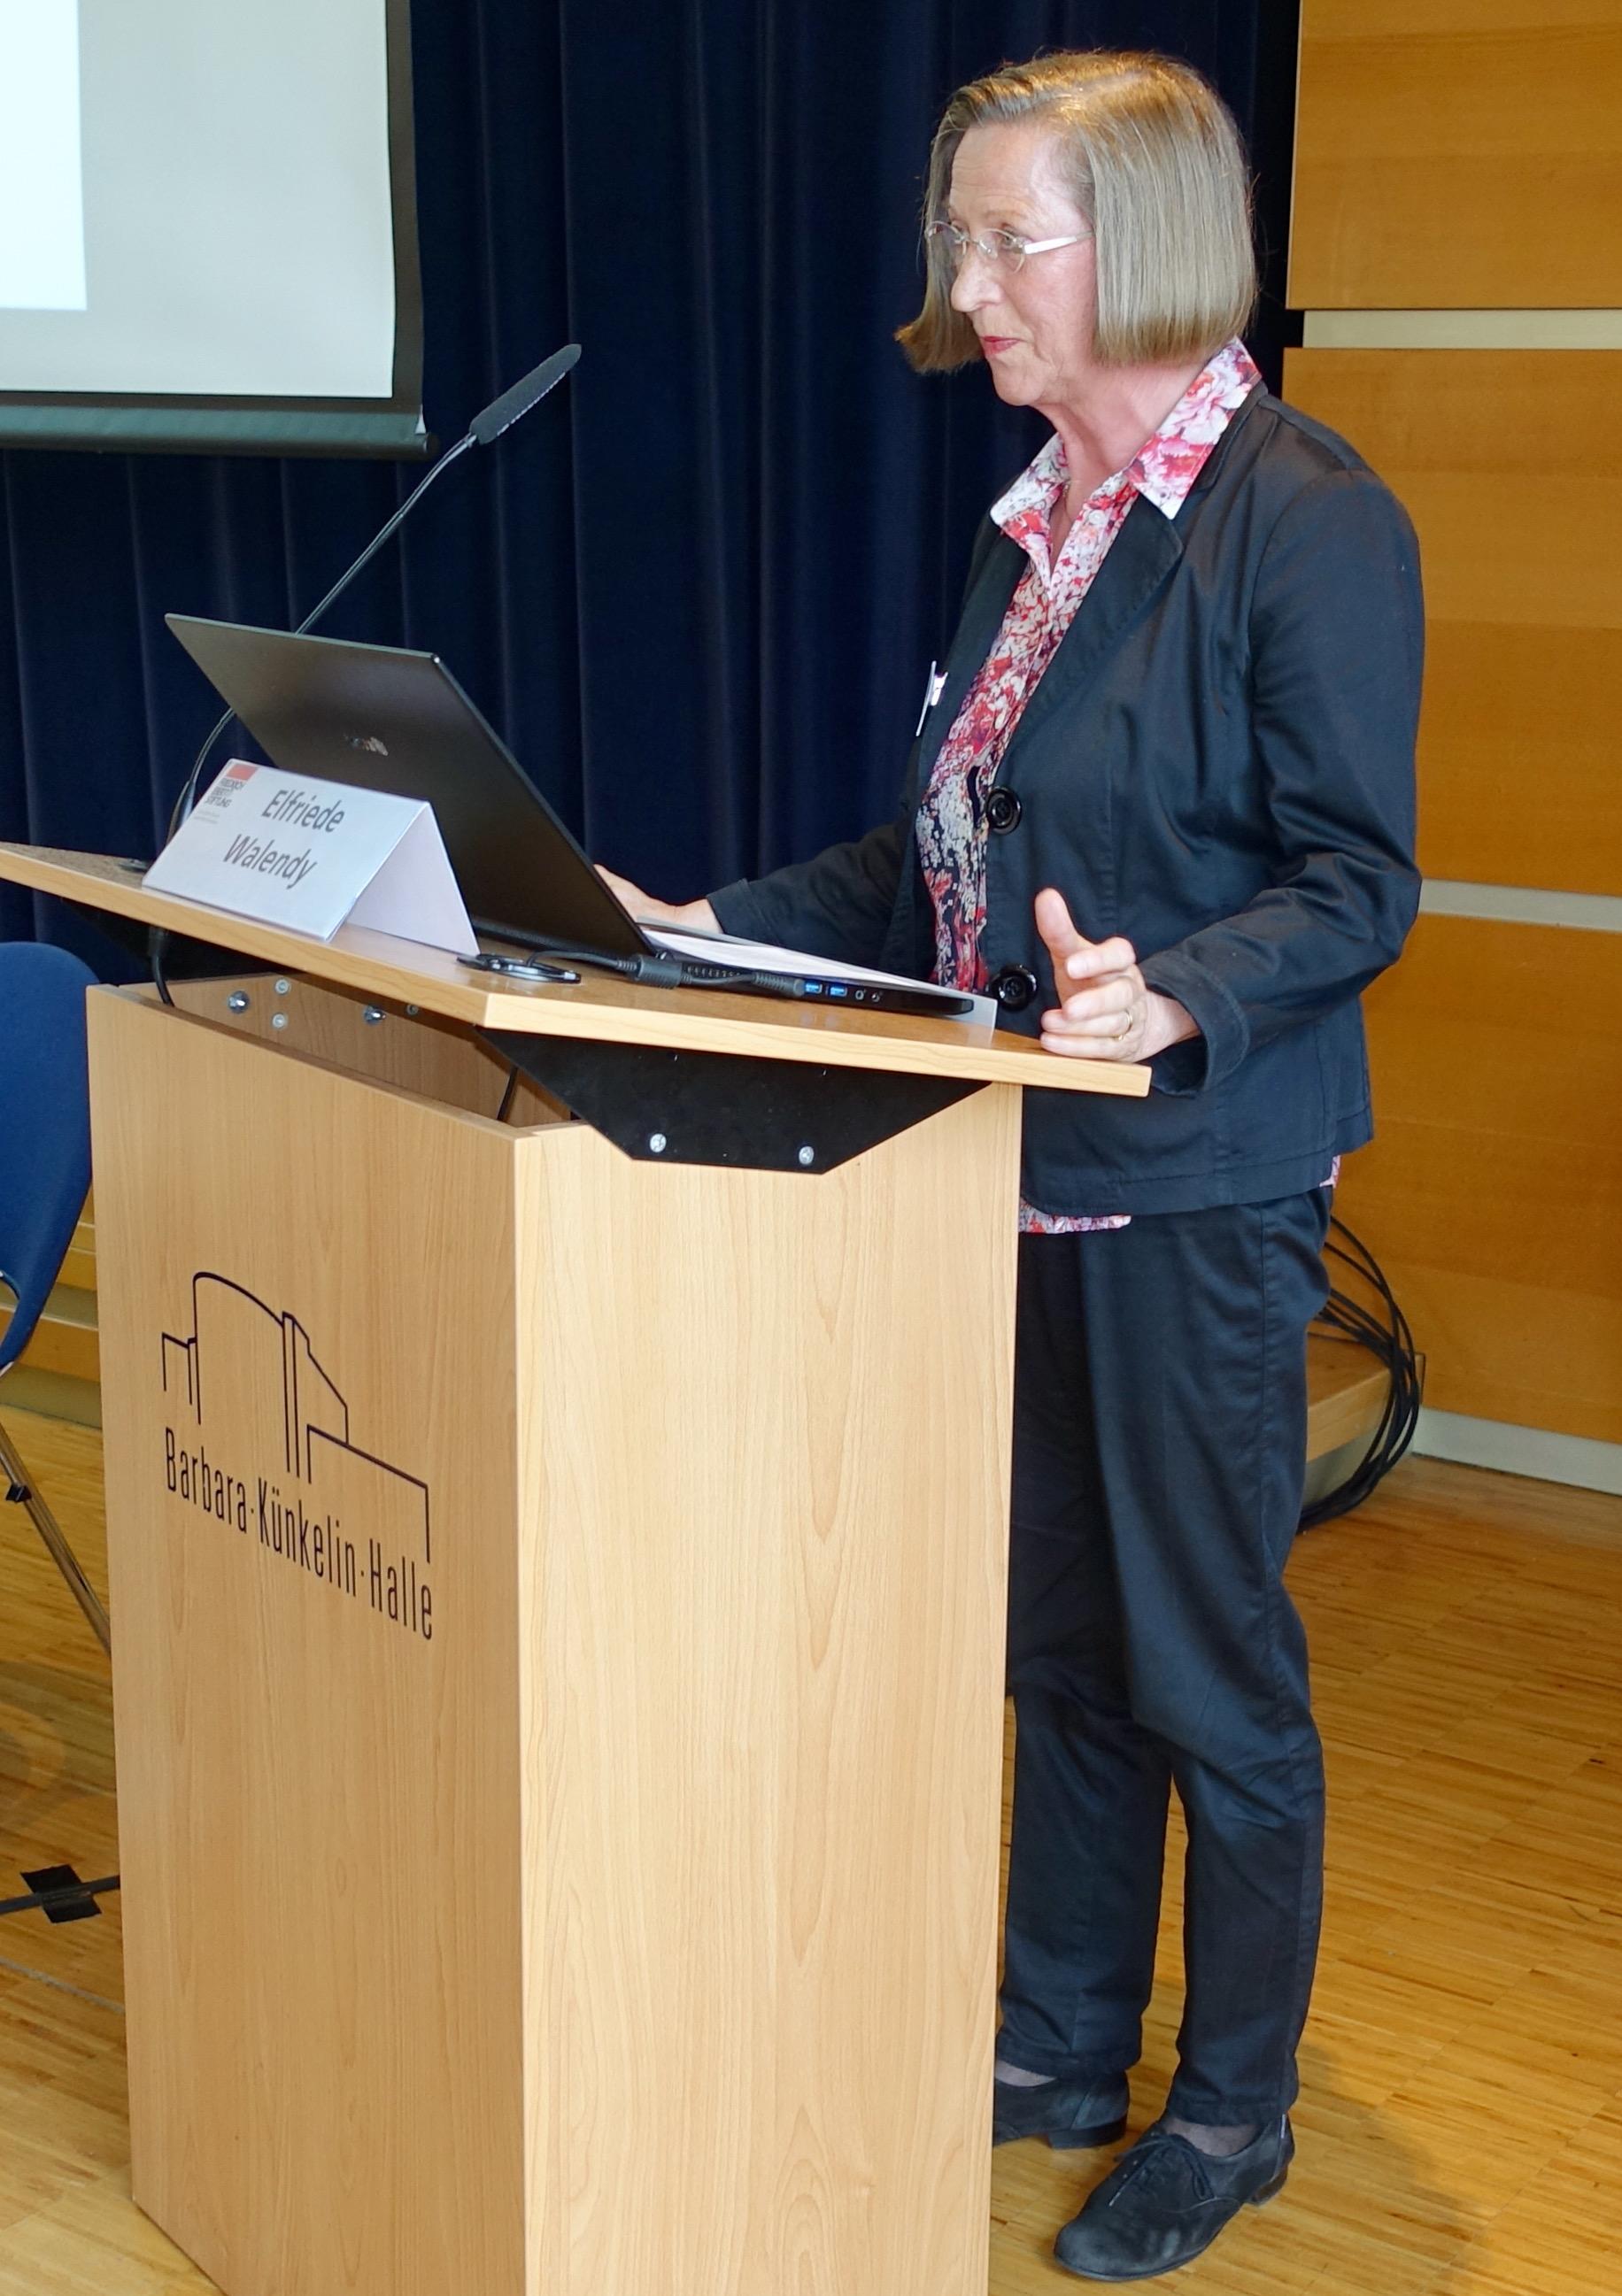 Aufsichtsrätin Elfriede Walendy begrüßt die Besucher der Fachtagung